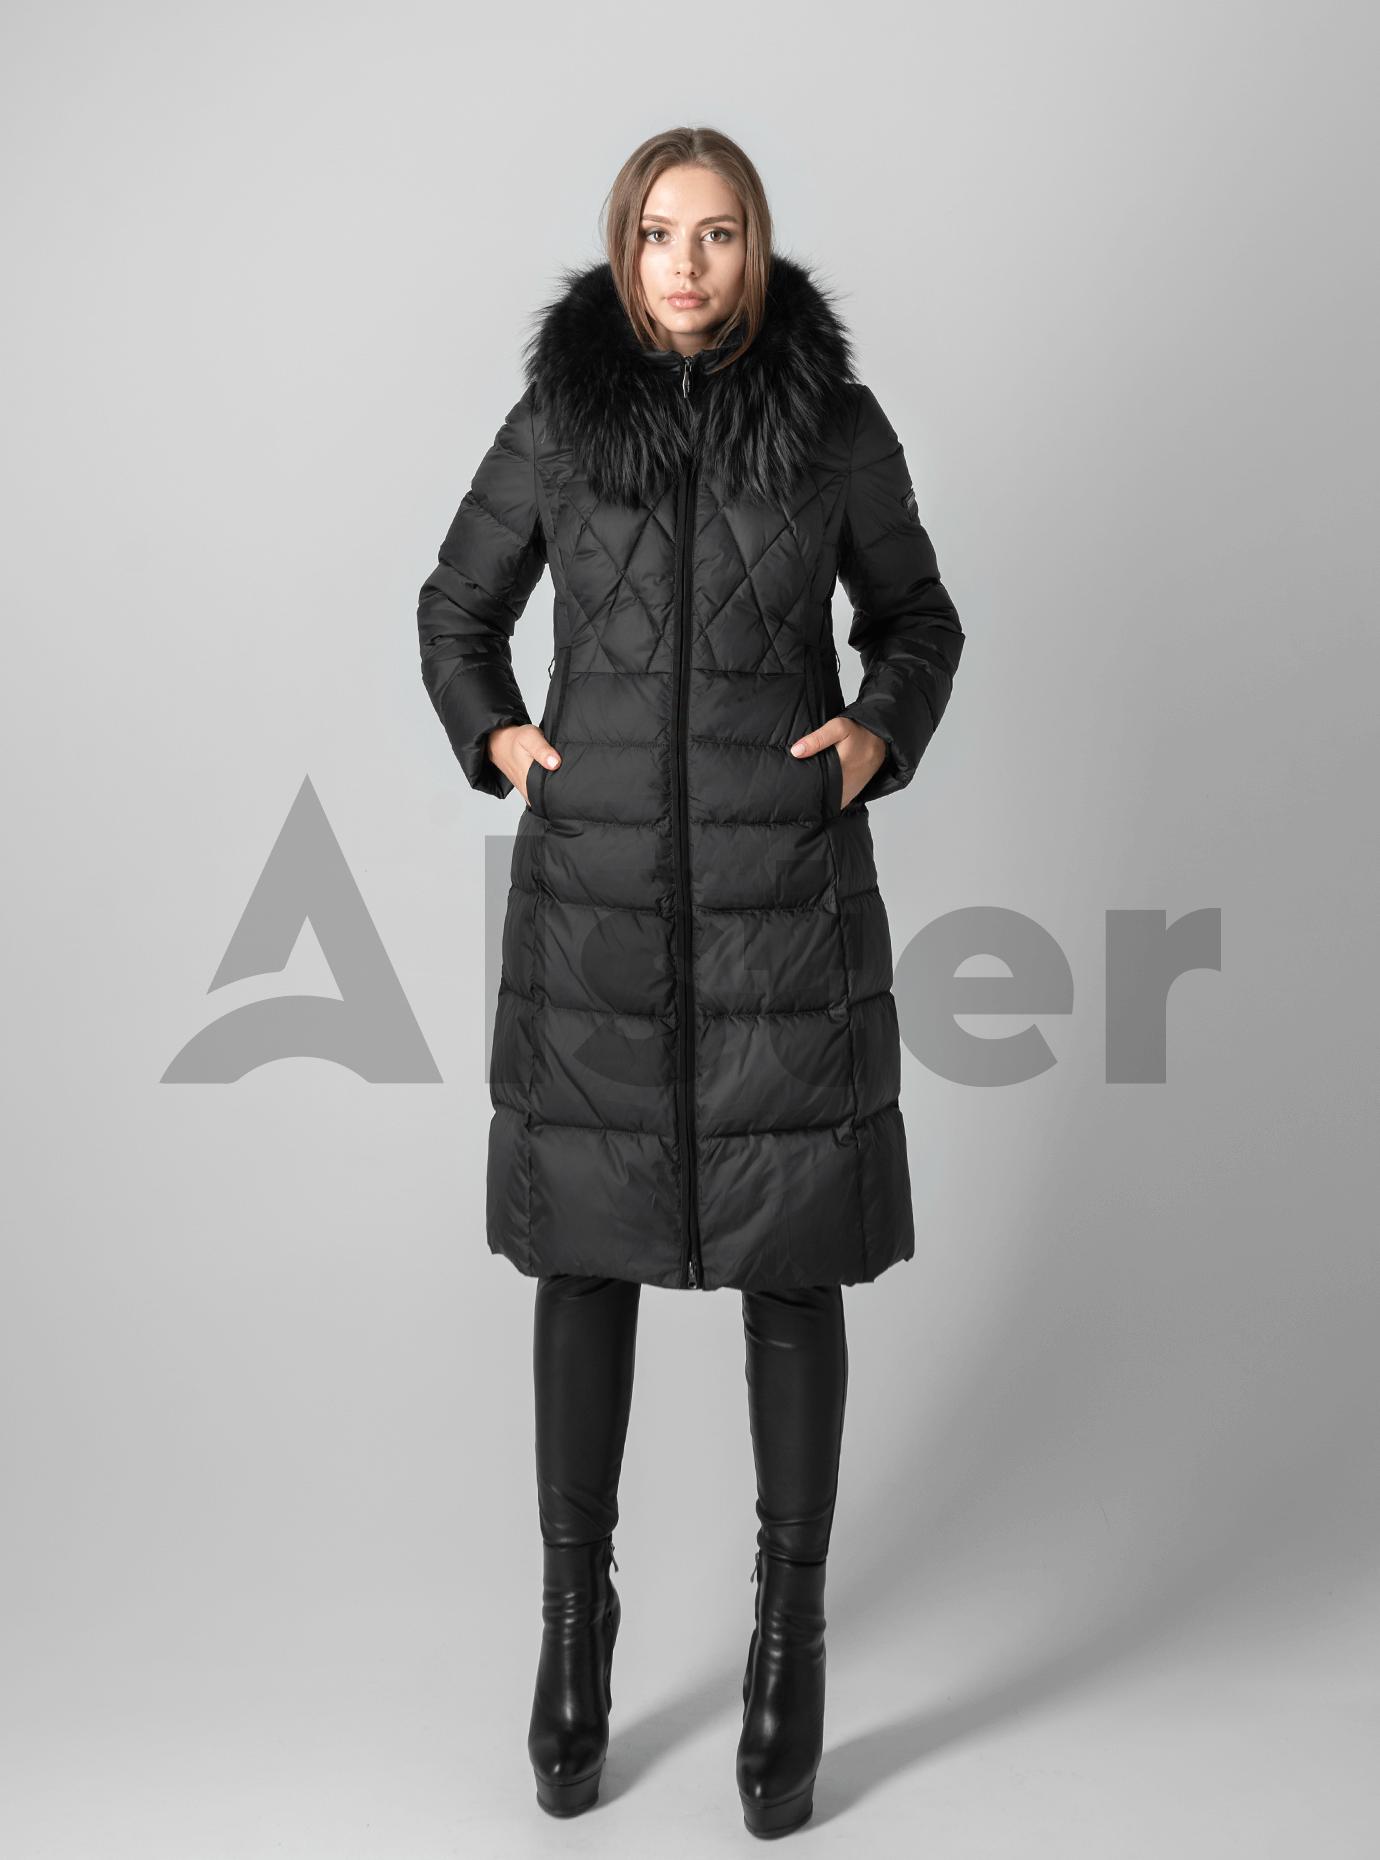 Зимняя женская куртка стёганая с мехом Чёрный M (02-190158): фото - Alster.ua